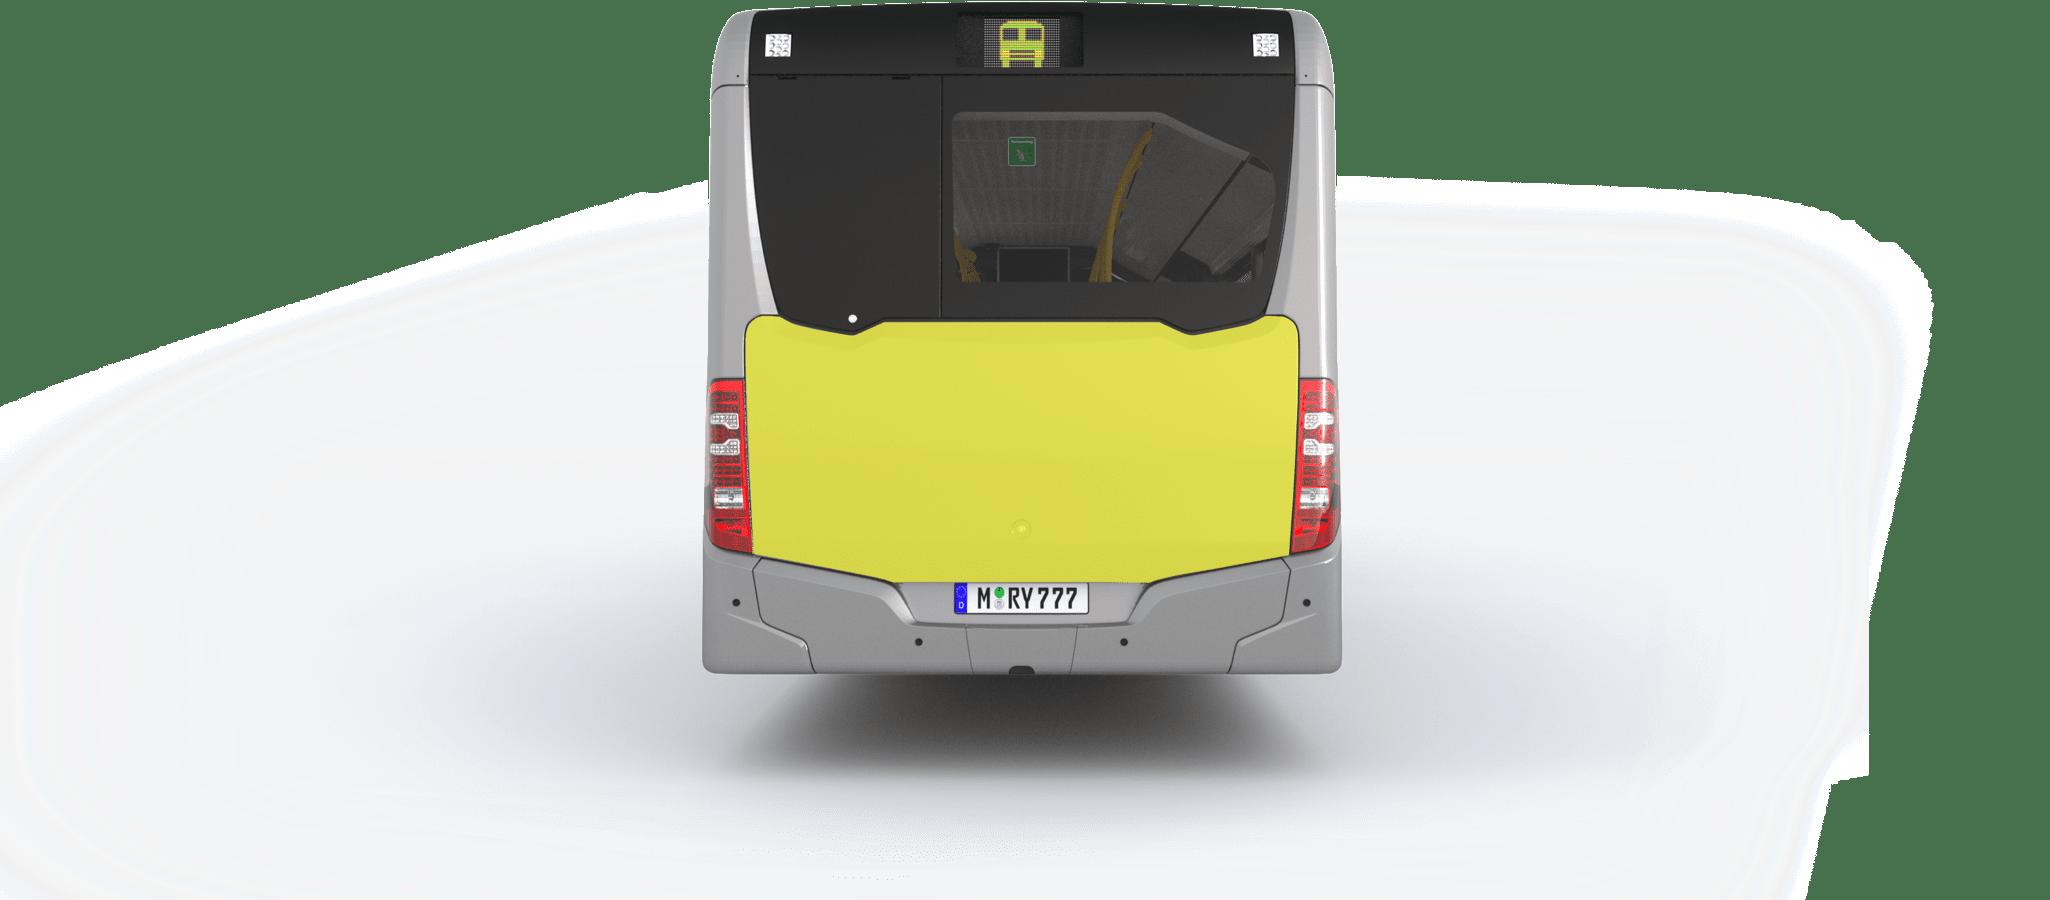 04_KWS-Buswerbung-Heckflaechenwerbung